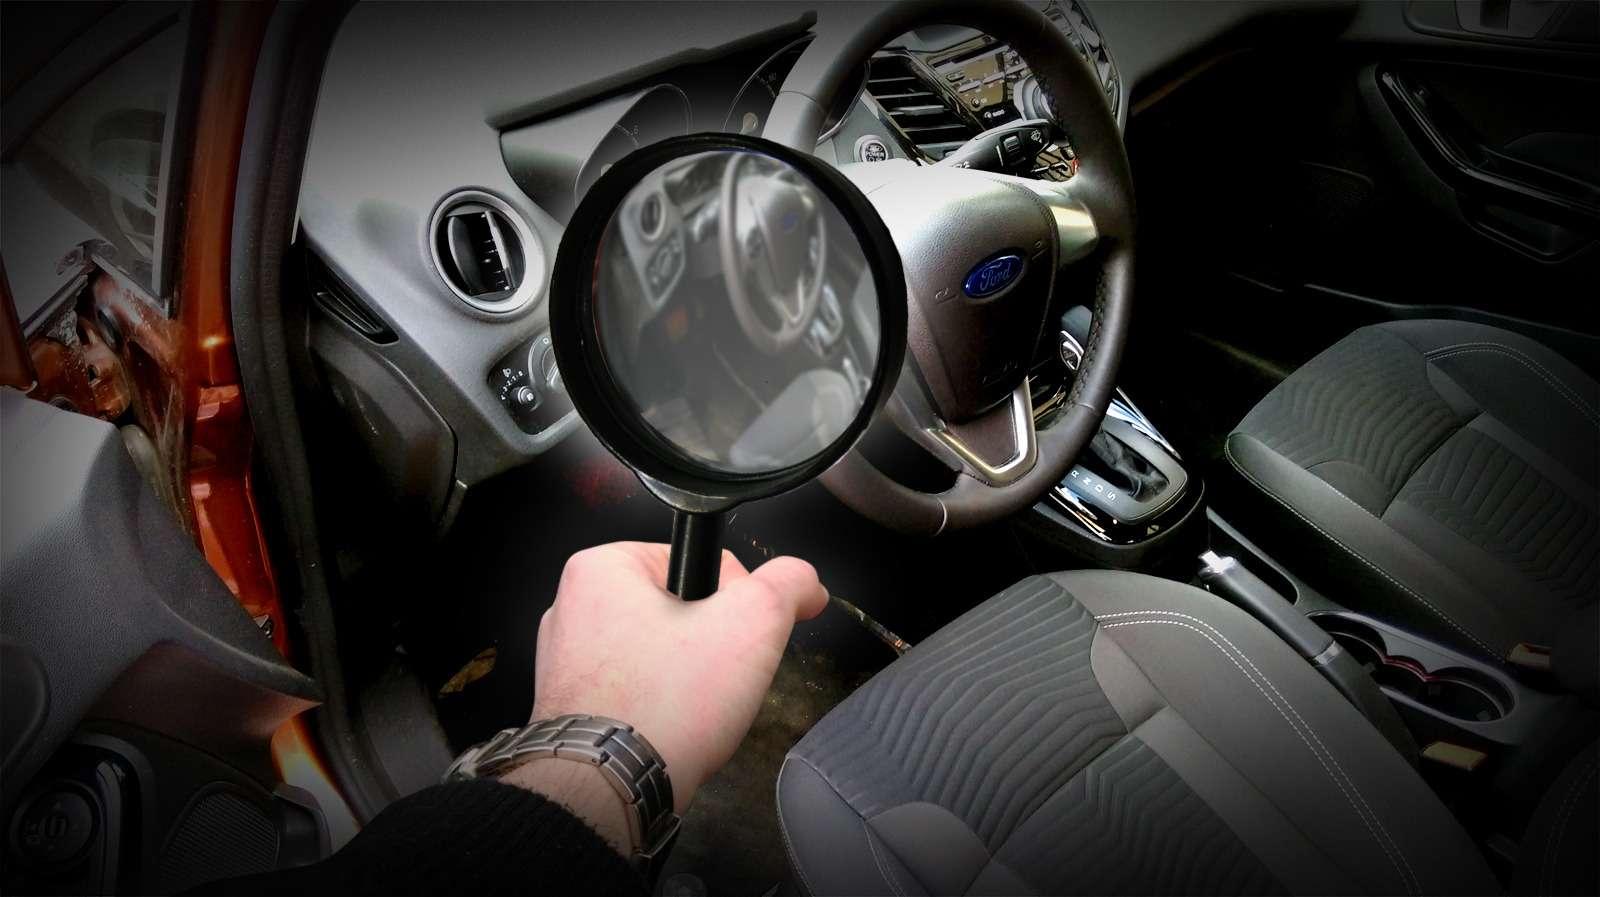 Секретные функции автомобиля, которые должен знать каждый— фото 571990